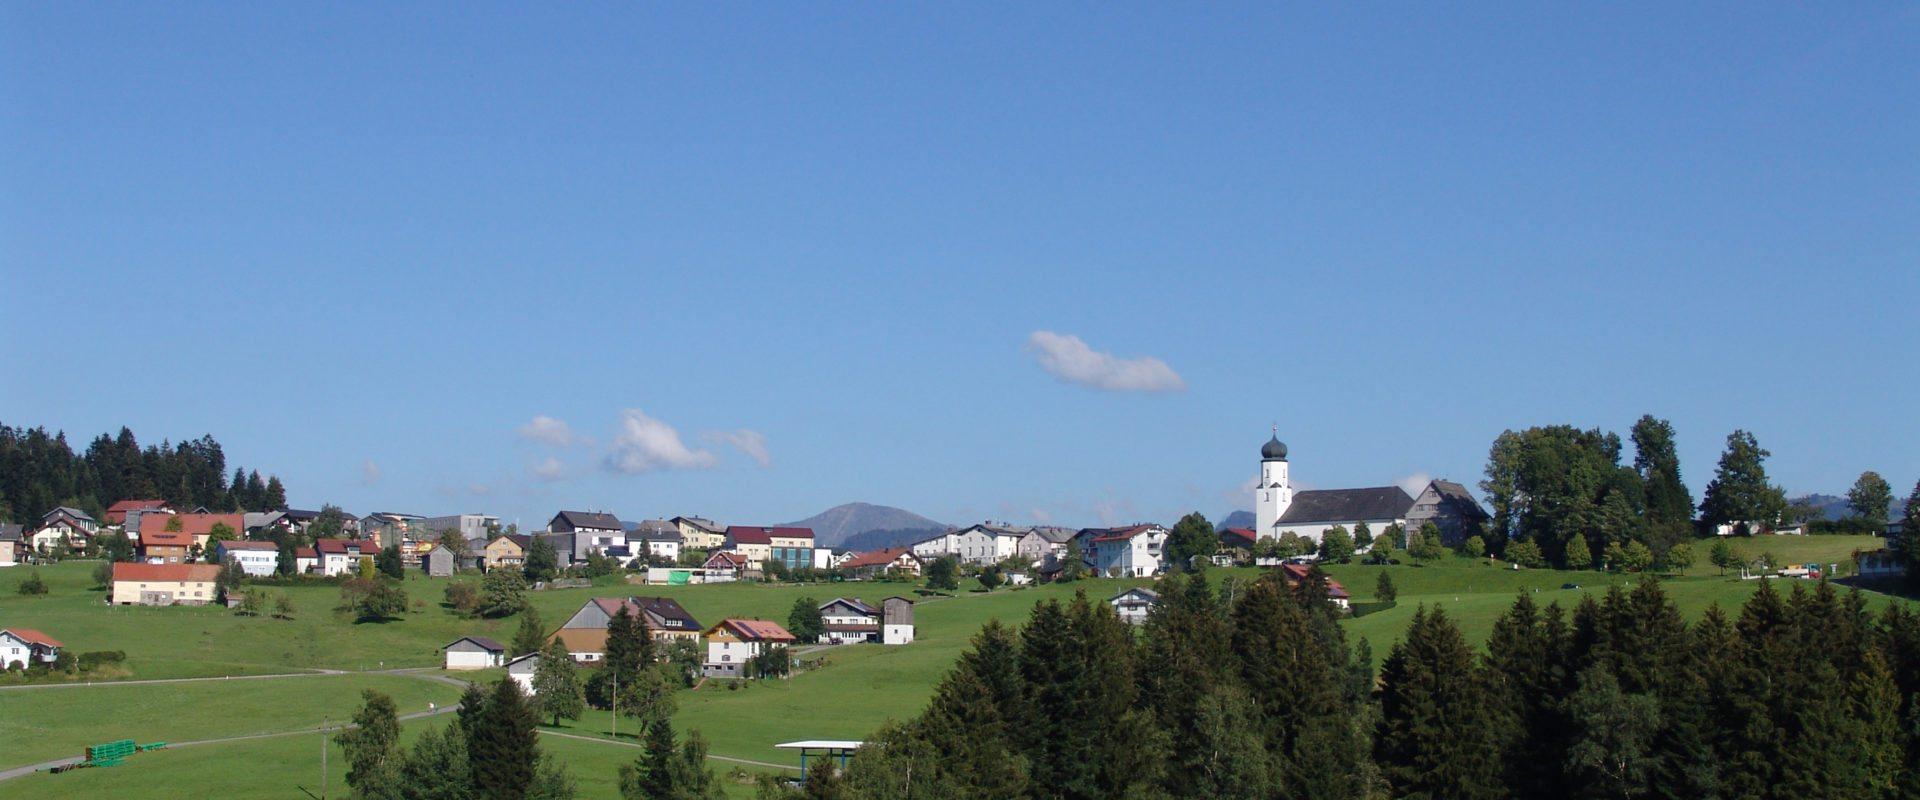 sulzberg_sommer